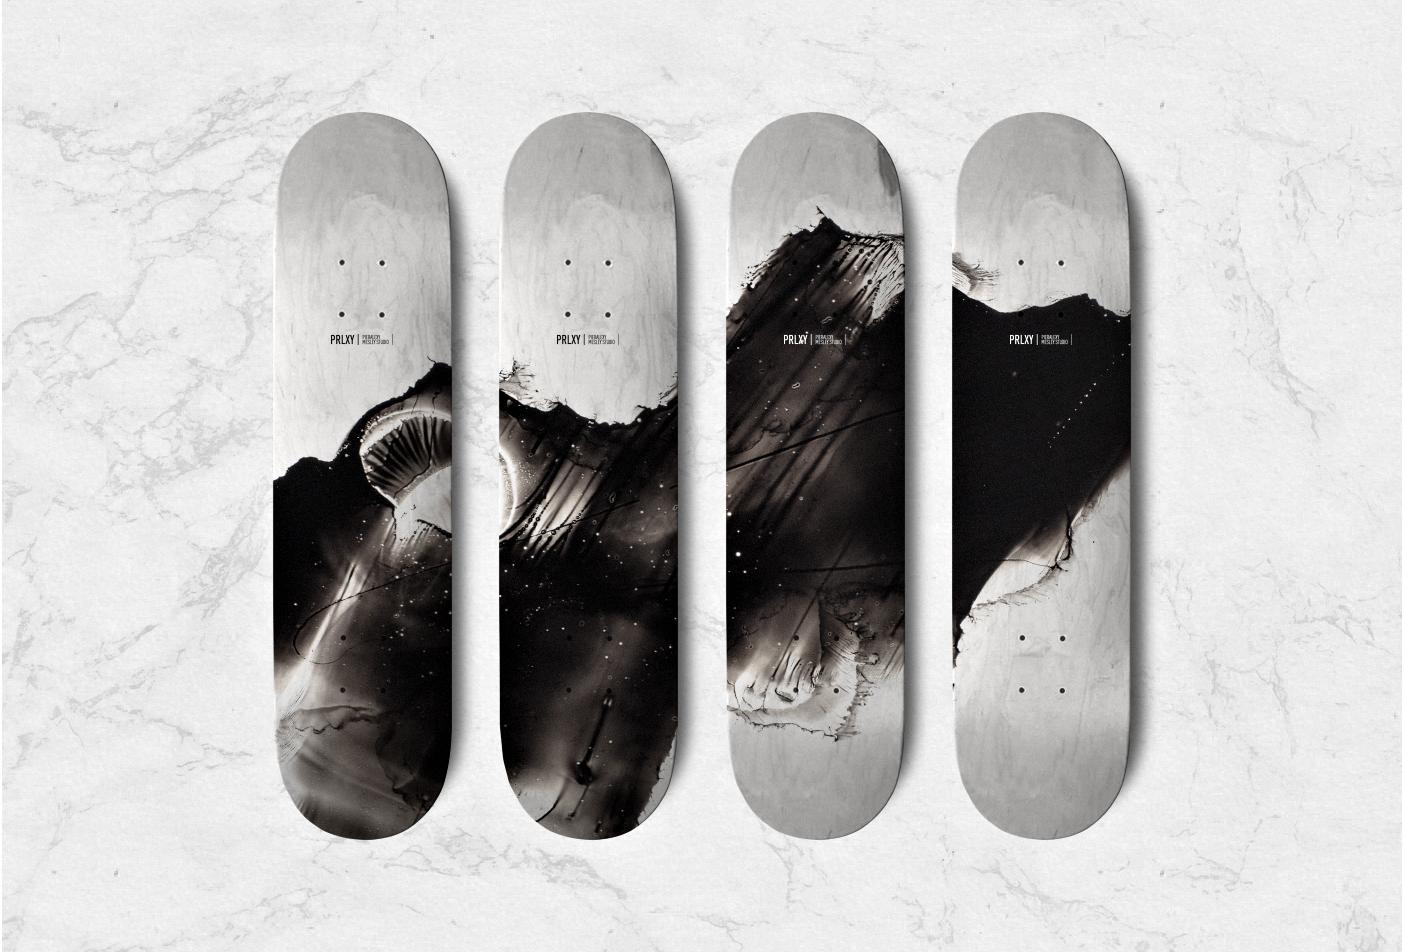 Skateboards Mockup 2.jpg